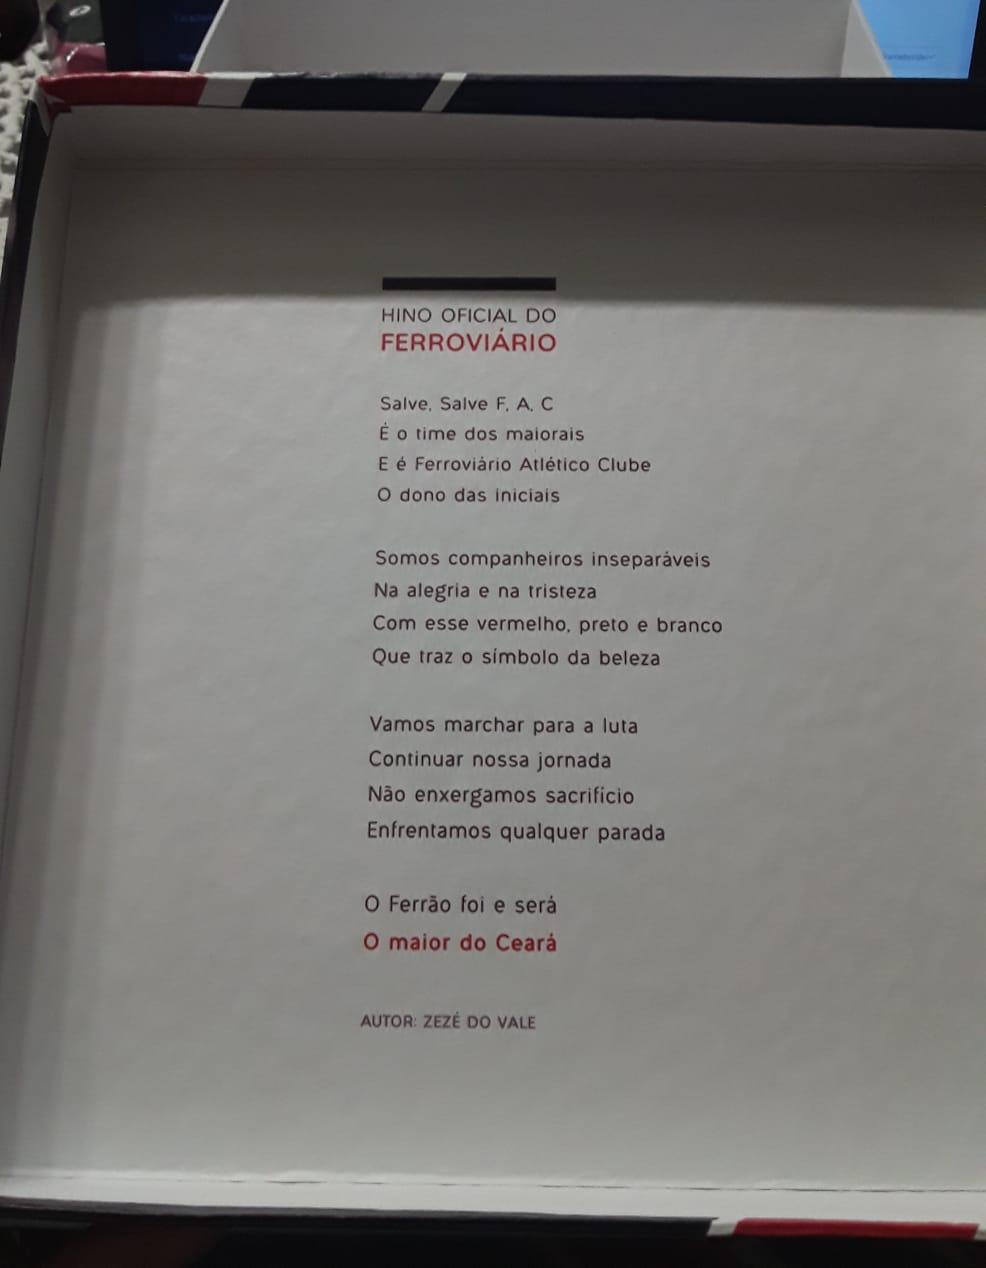 Kit dos pais ( camisa concentração + boné + caixa)  - Ferrão Store